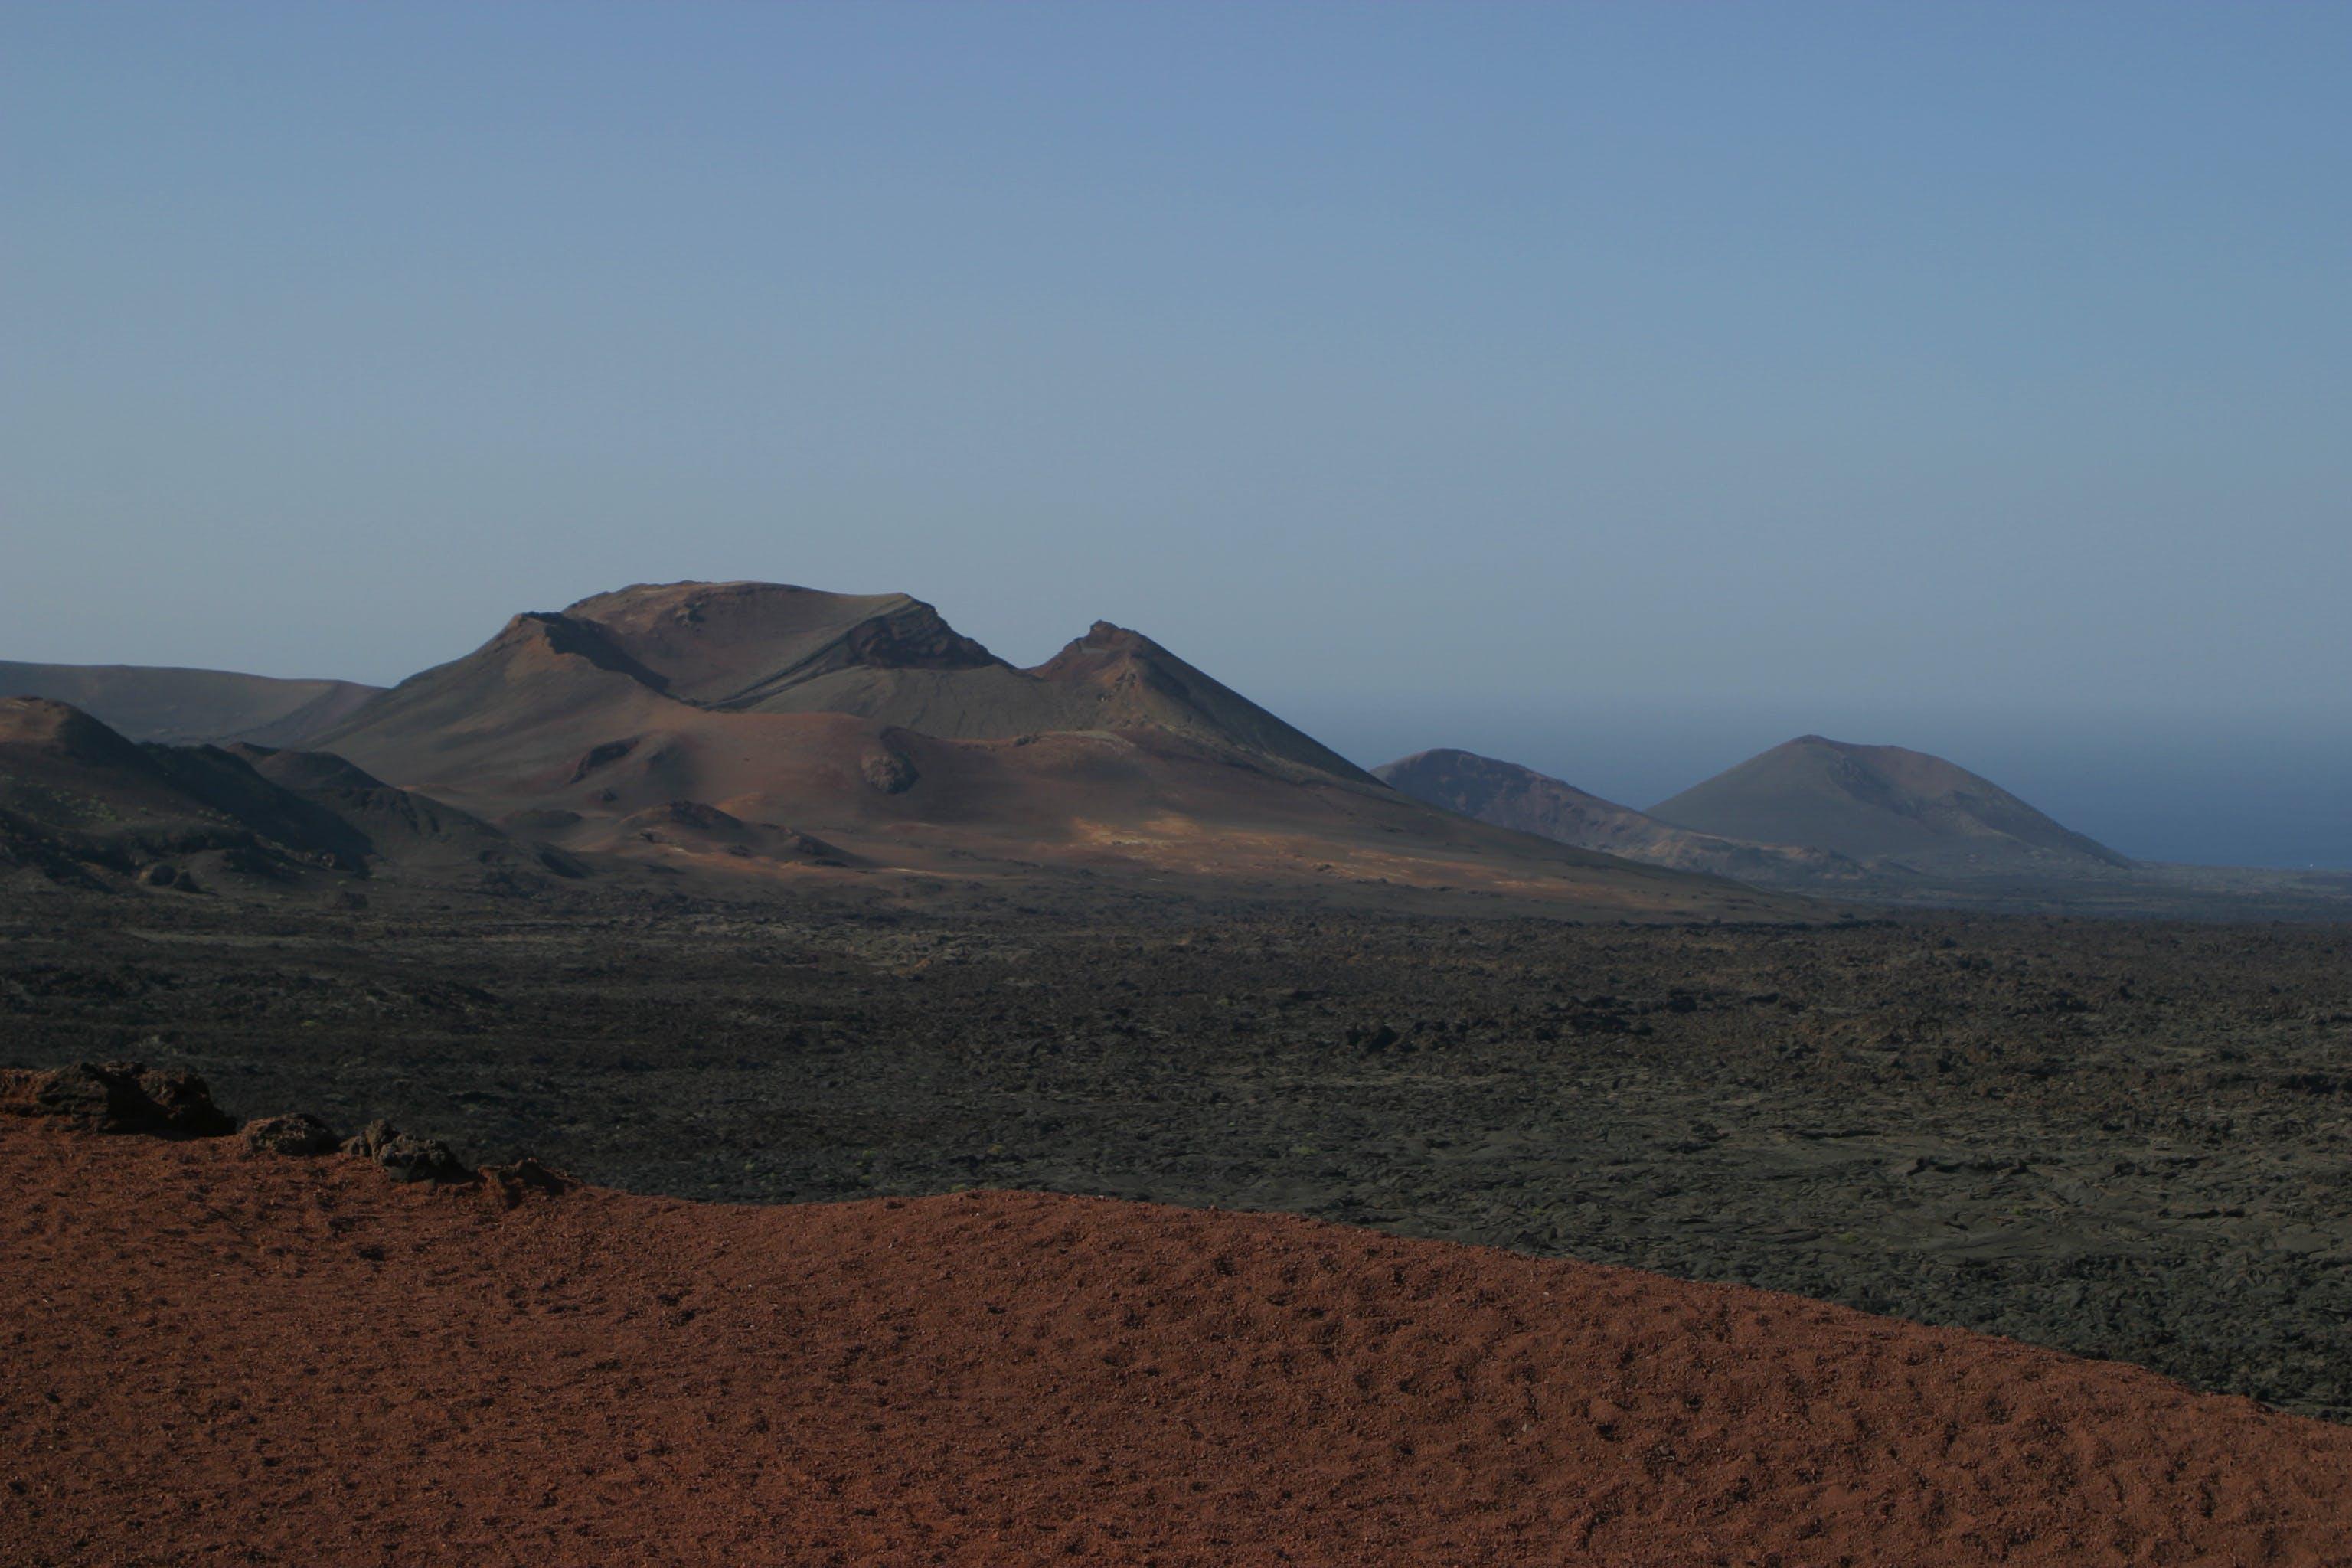 Kostenloses Stock Foto zu berg, dürr, geologie, himmel